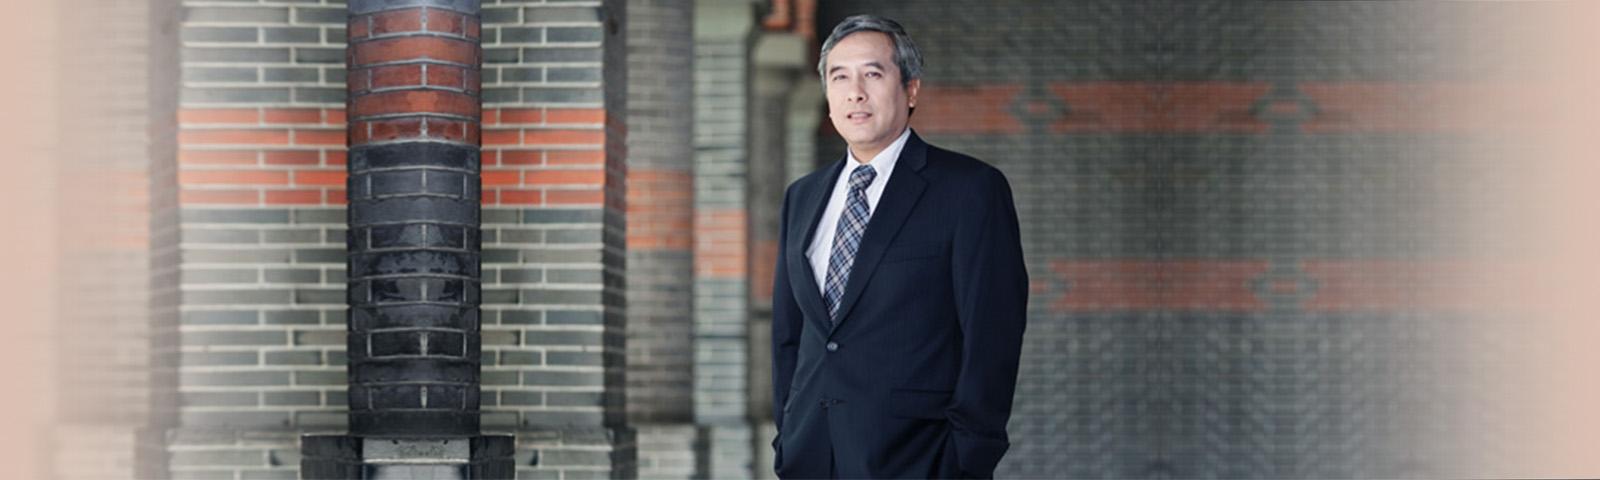 上交大安泰经济与管理学院院长周林专访